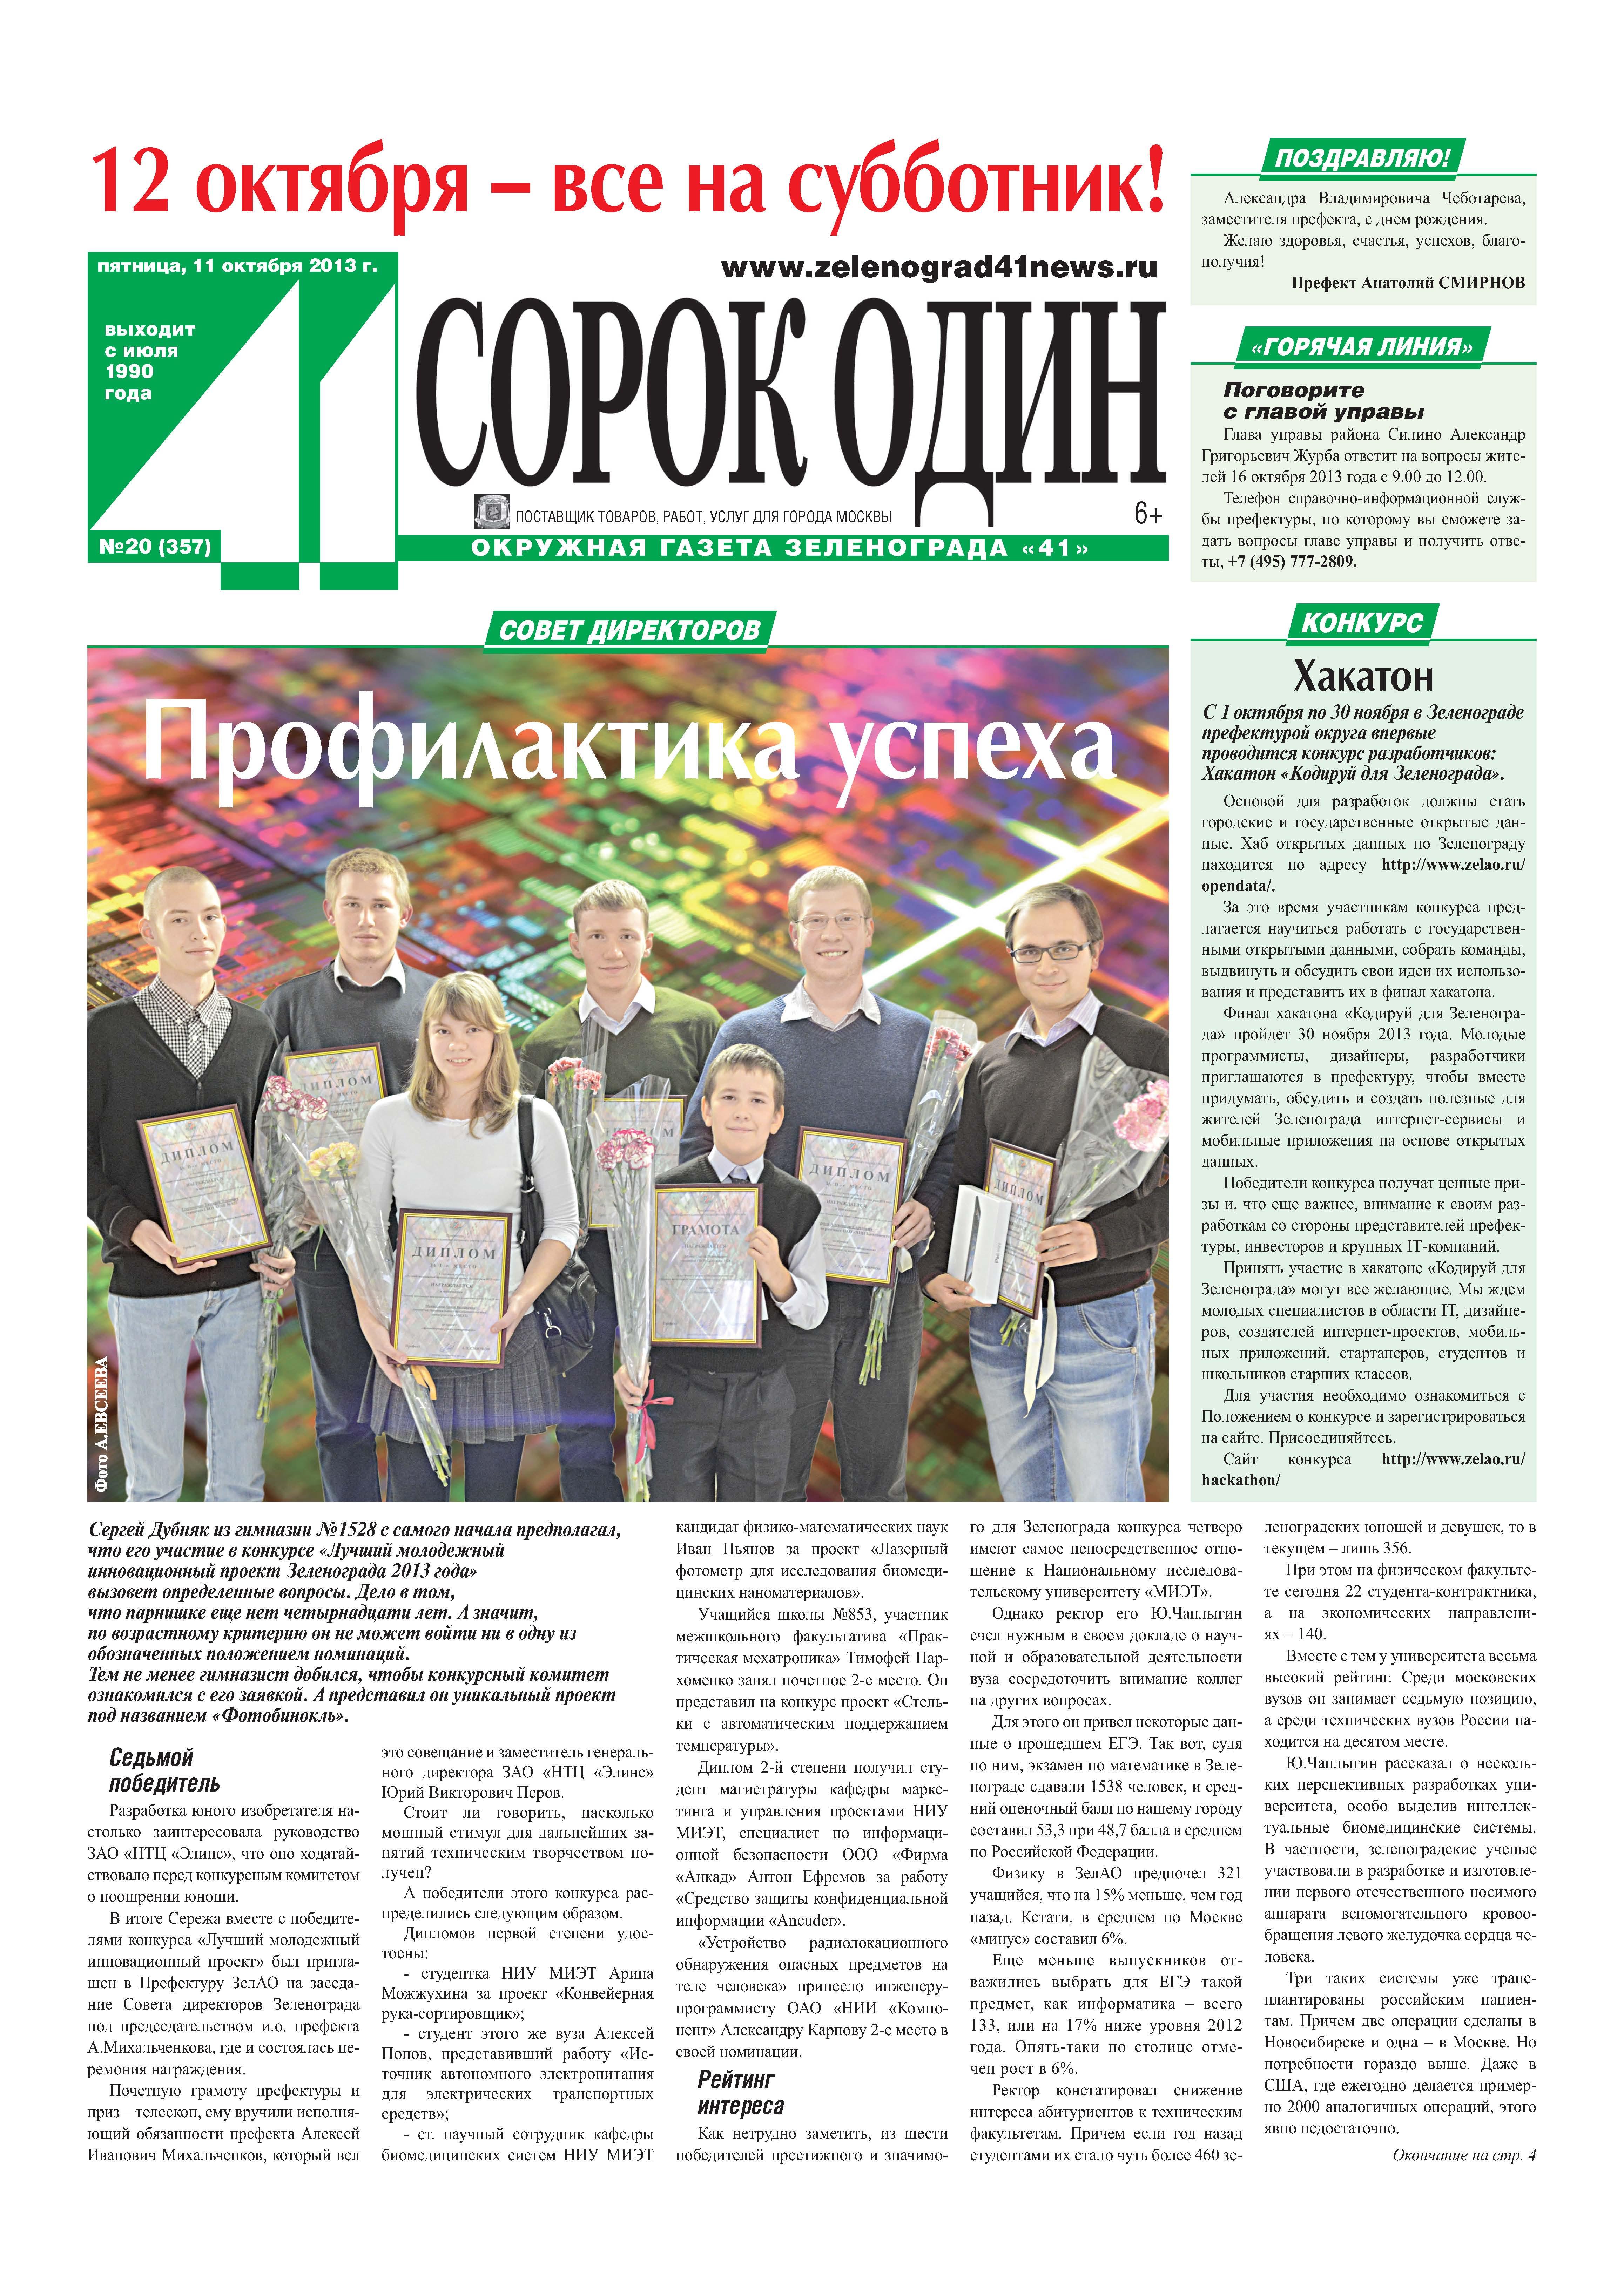 Интервью газете 41, 38 от 14 октября 2011 г завтра в городе науки и спорта - субботник!